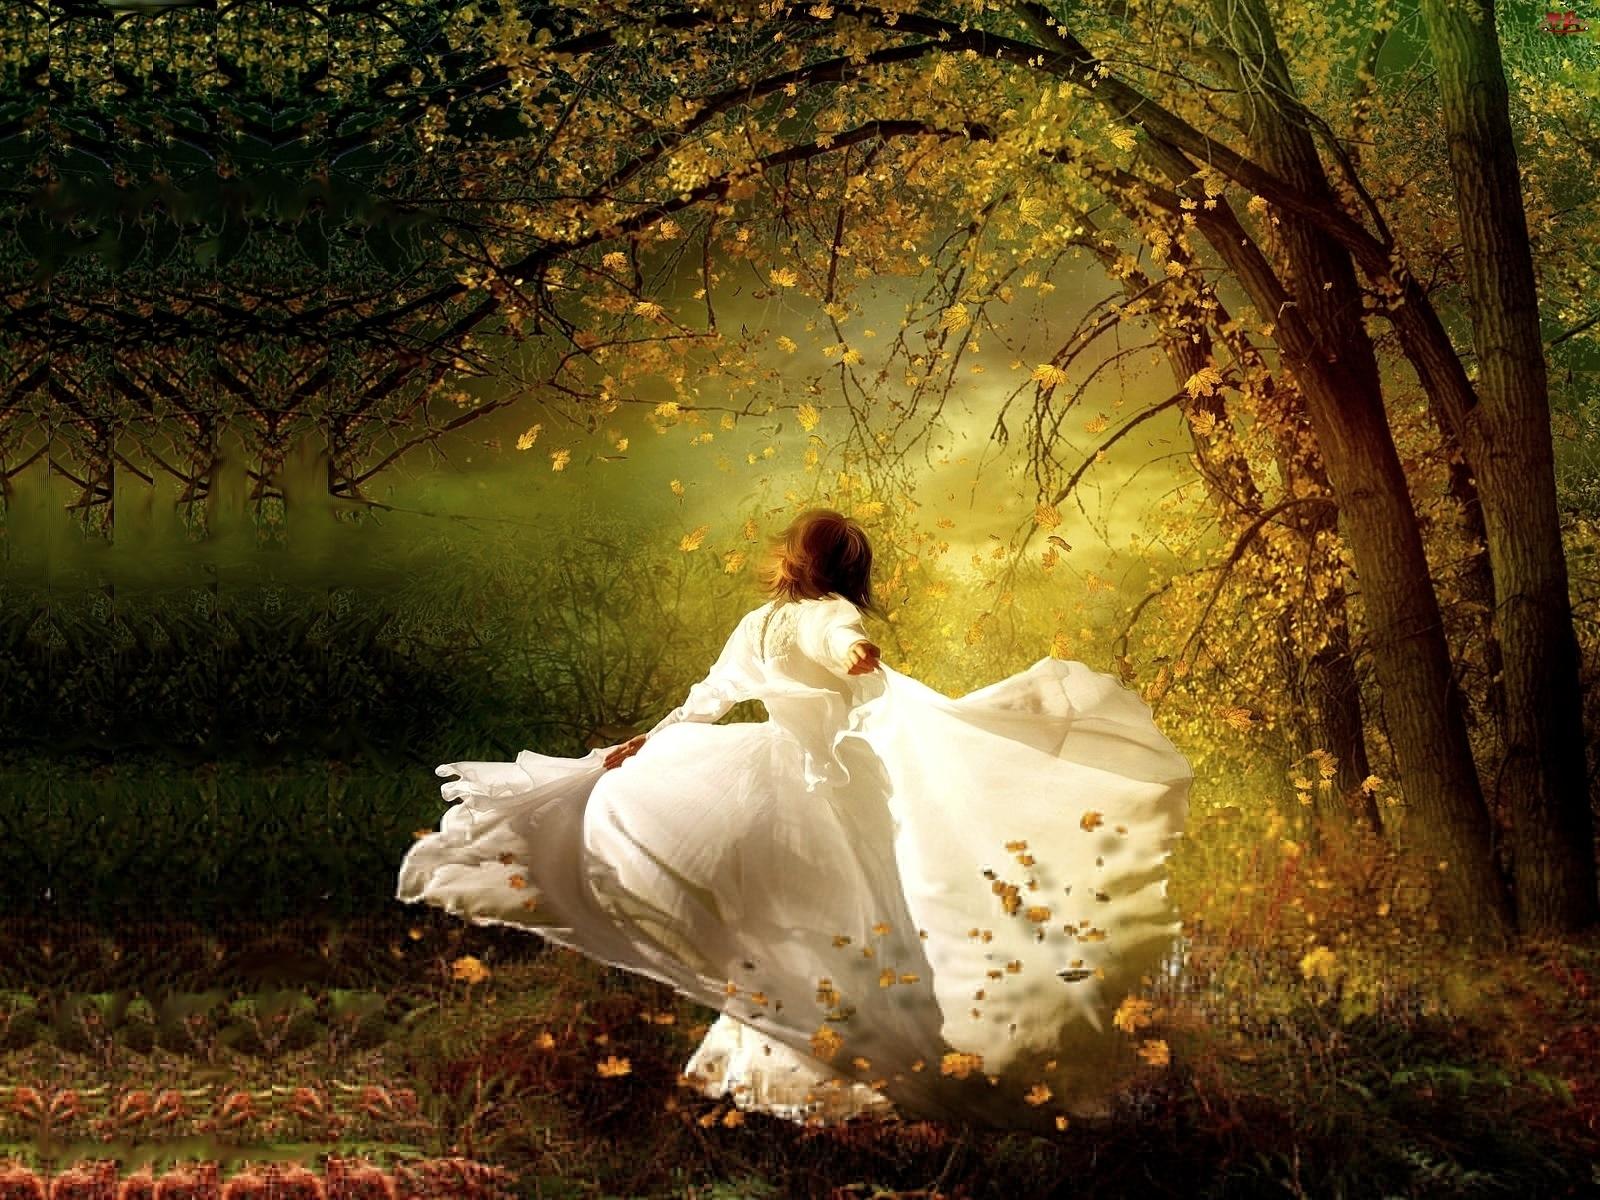 Panna młoda, Kobieta, Suknia, Biała, Drzewa